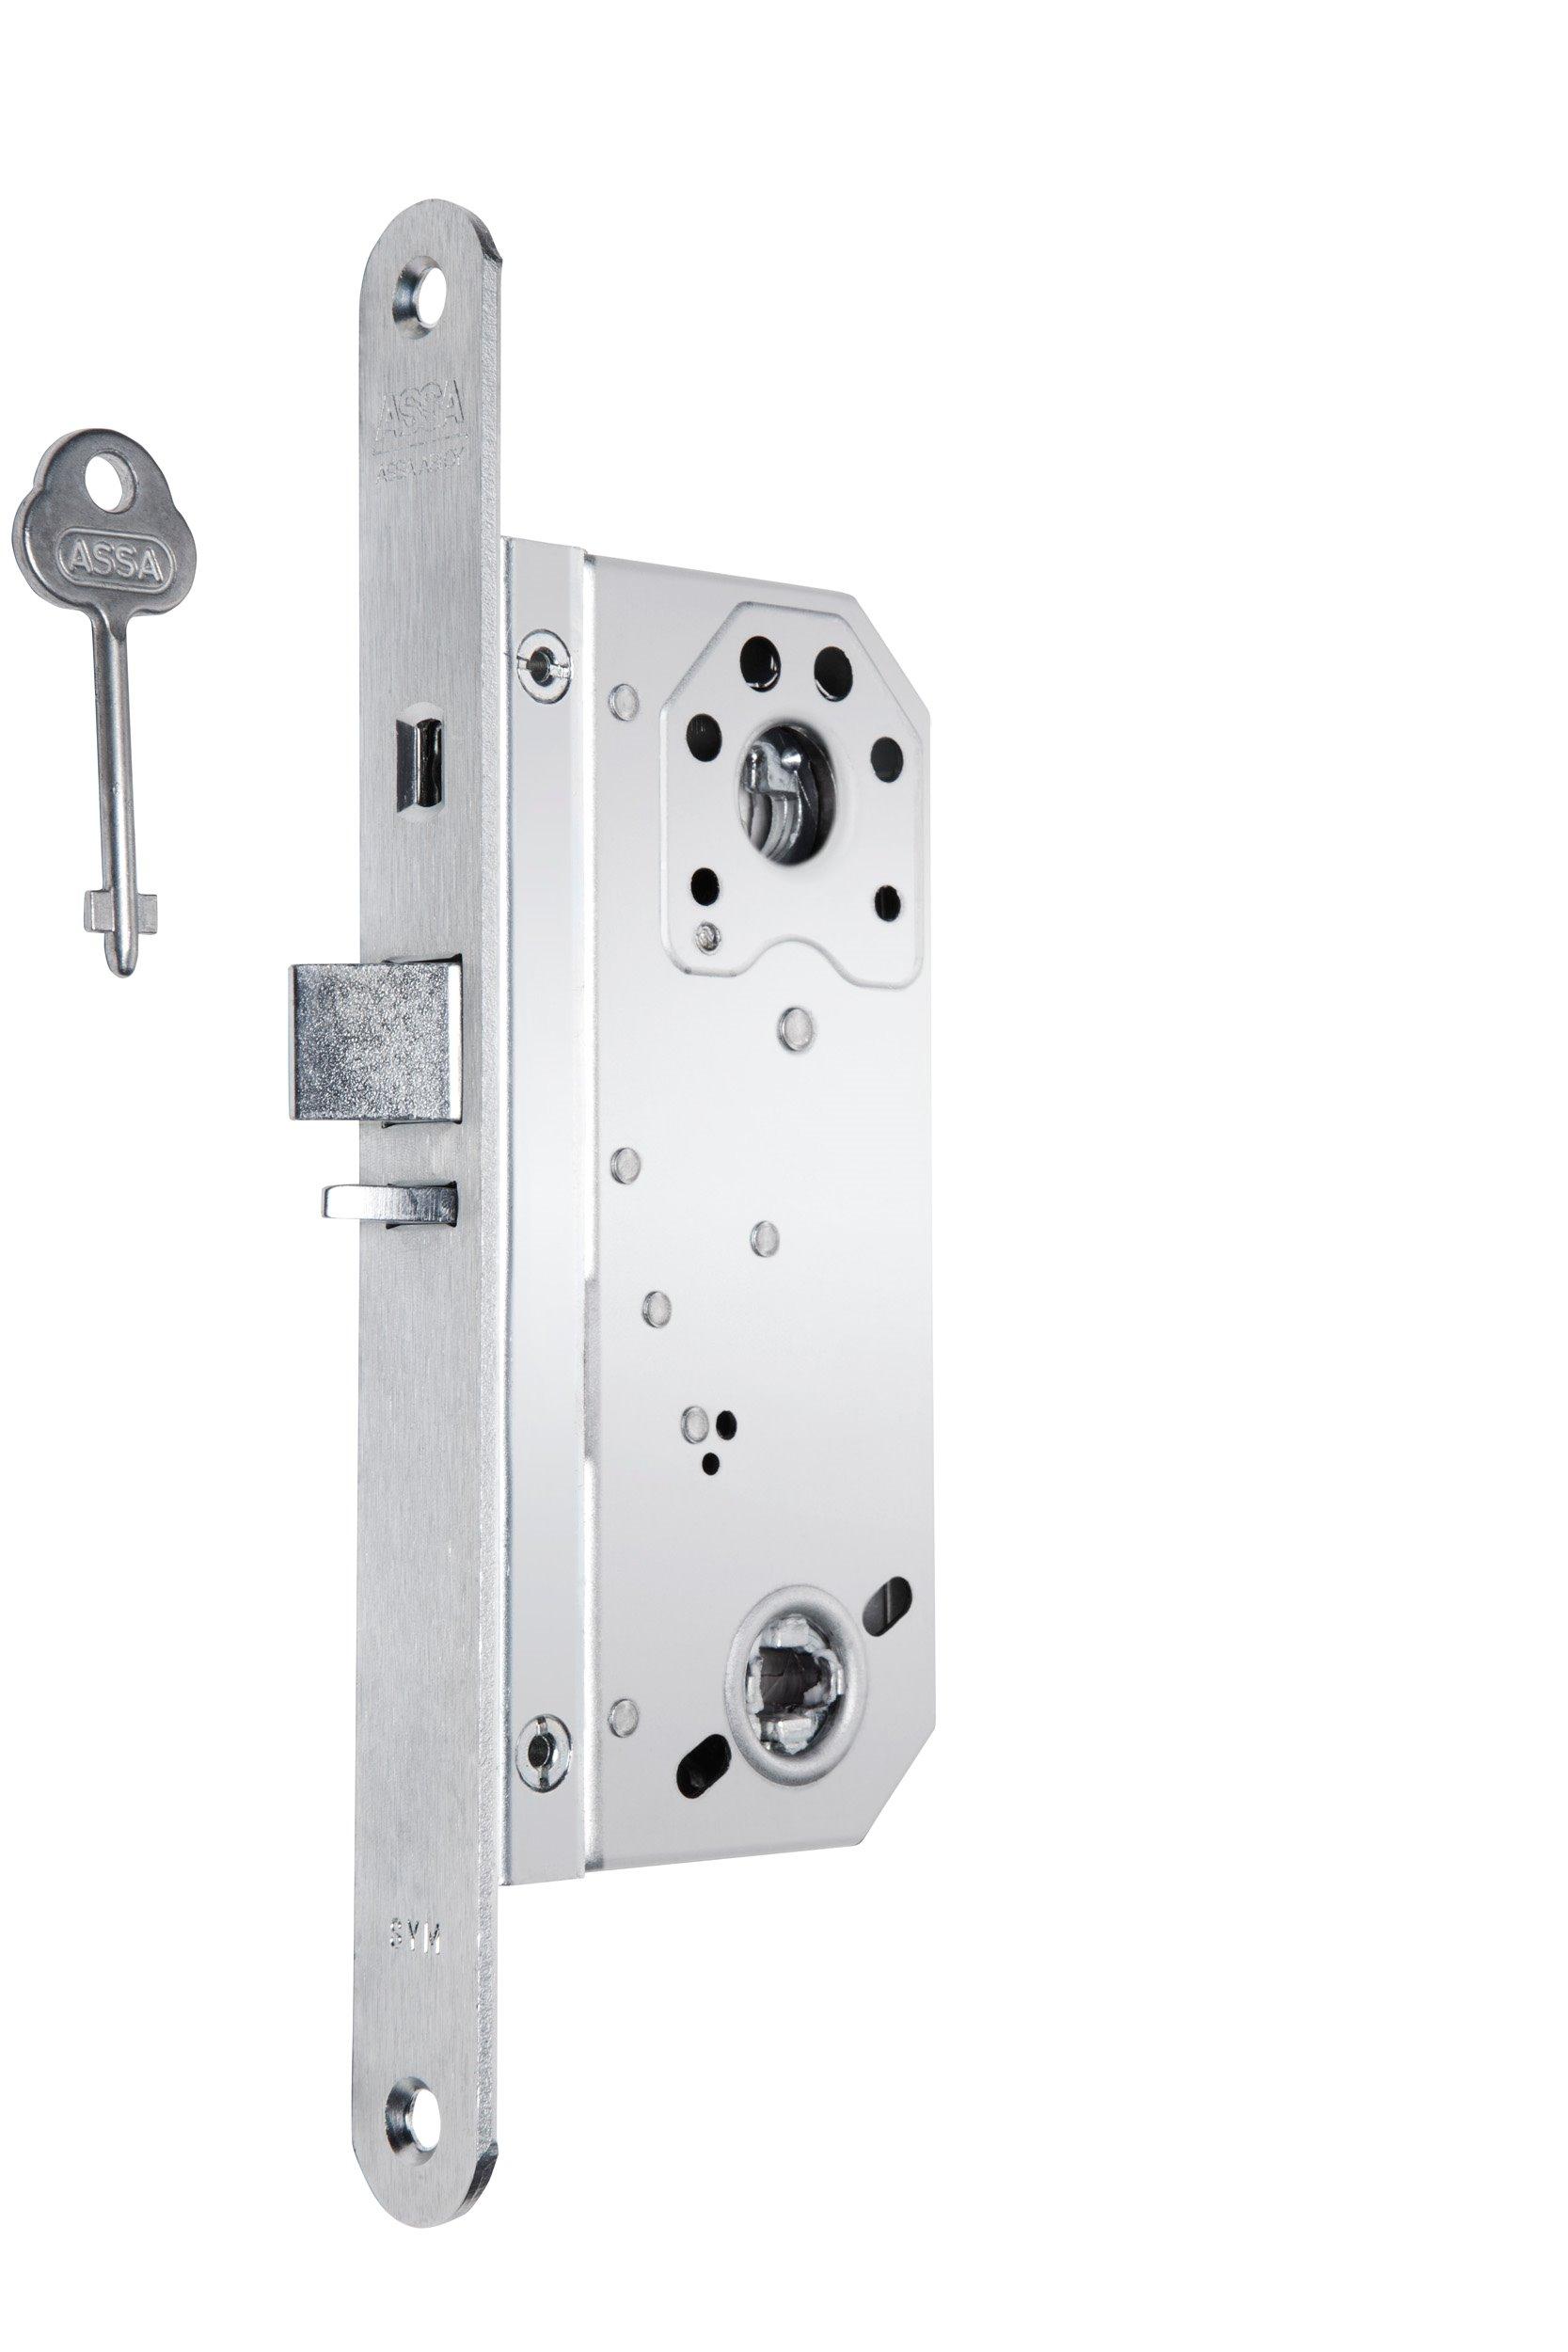 8561 50 Latch Lock Assa Oem Assaoem Locks Window